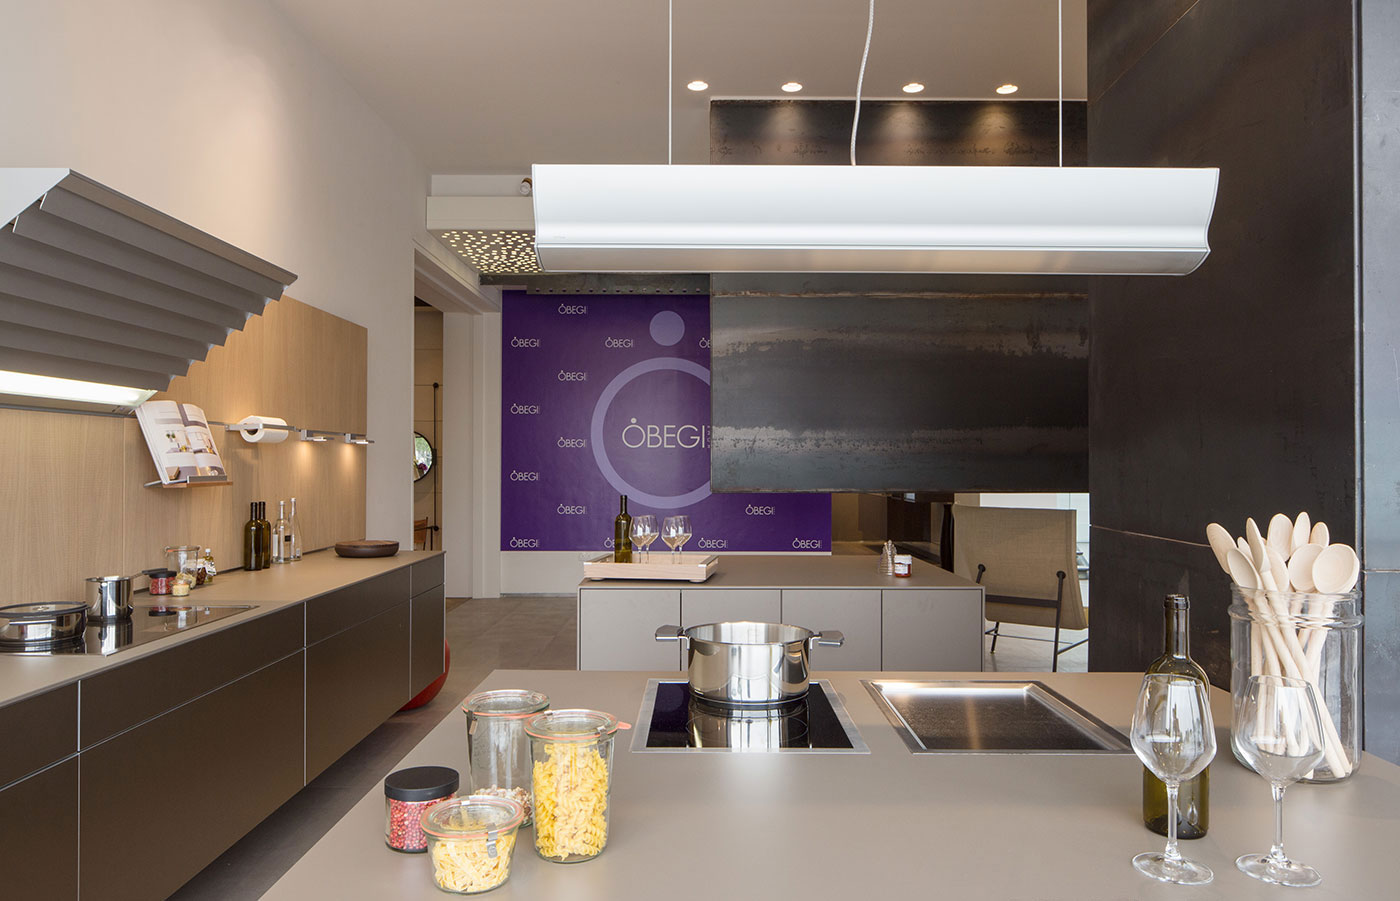 Obegi Home Bulthaup Kitchens Area 7